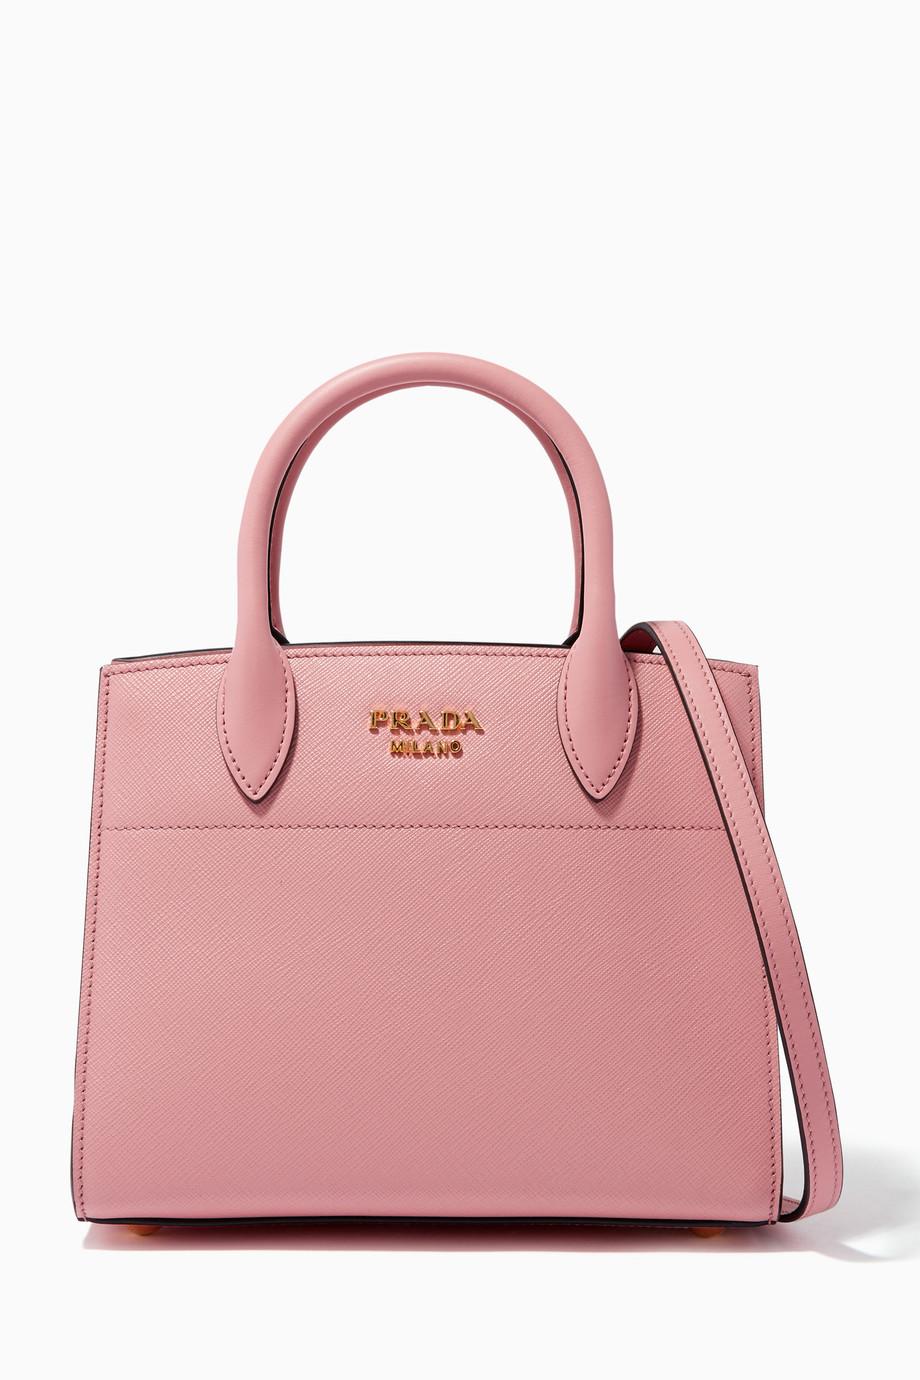 2cefa9420188 Shop Prada Pink Pink Small Bibliothèque Saffiano City Tote Bag for ...